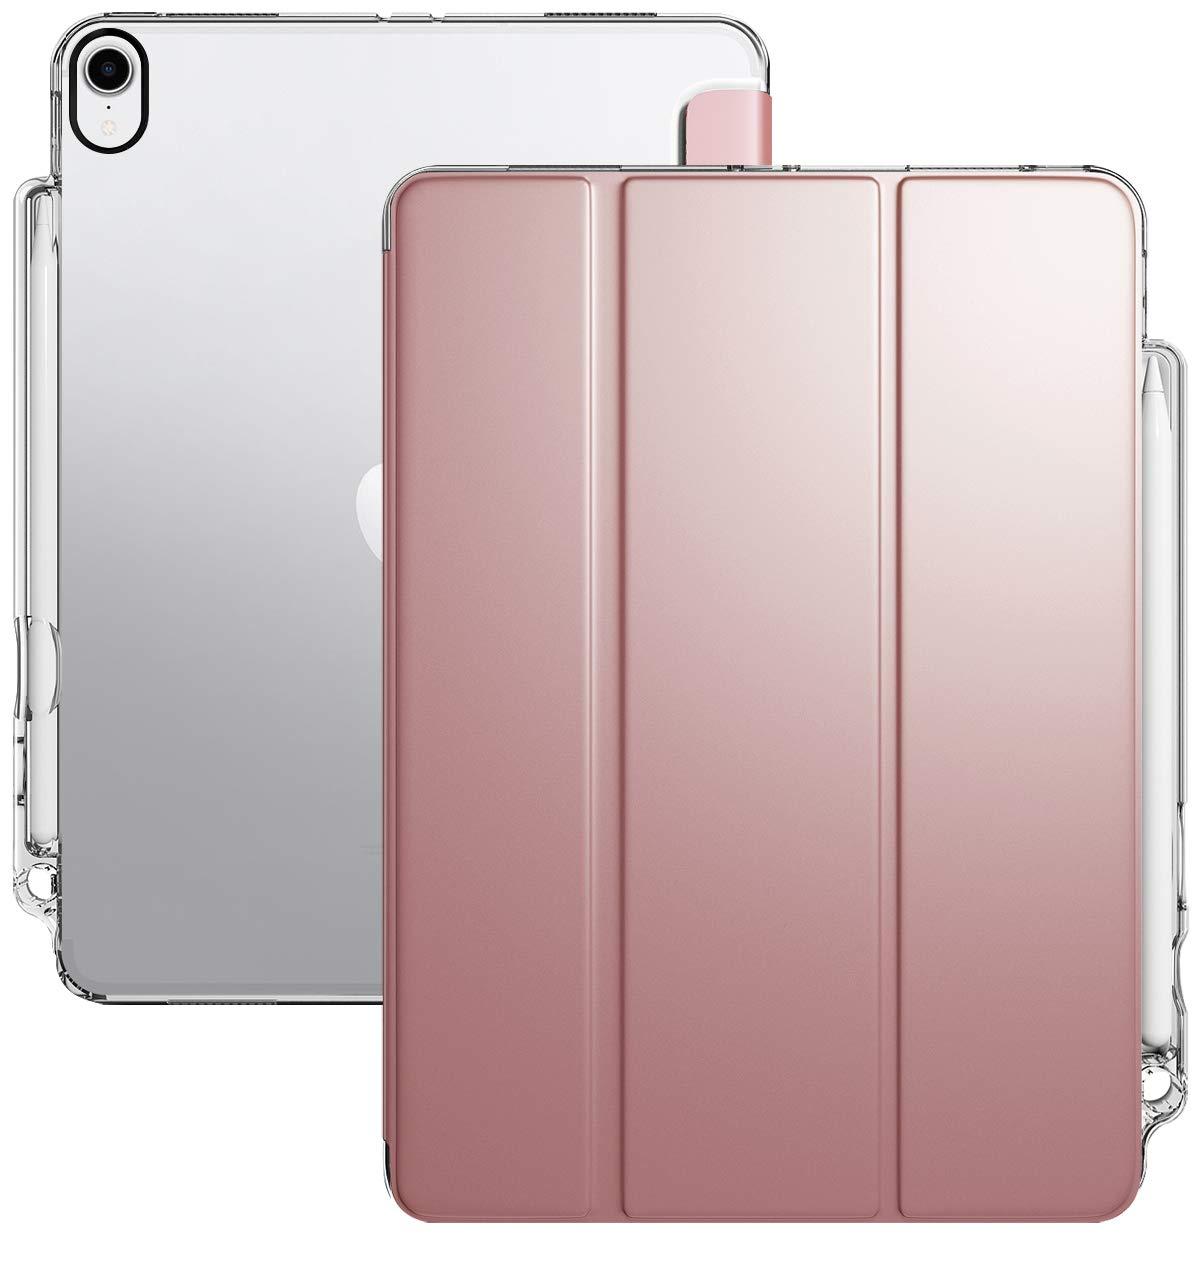 【爆買い!】 Poetic Lumos X Apple B07GNRBDLK iPad Pro 2018年発売 11用 Apple 2018年発売 LumosX-iPad-Pro-11-2018-Black B07GNRBDLK Rose Gold/Clear Rose Gold/Clear, 玉野市:096bff33 --- by.specpricep.ru